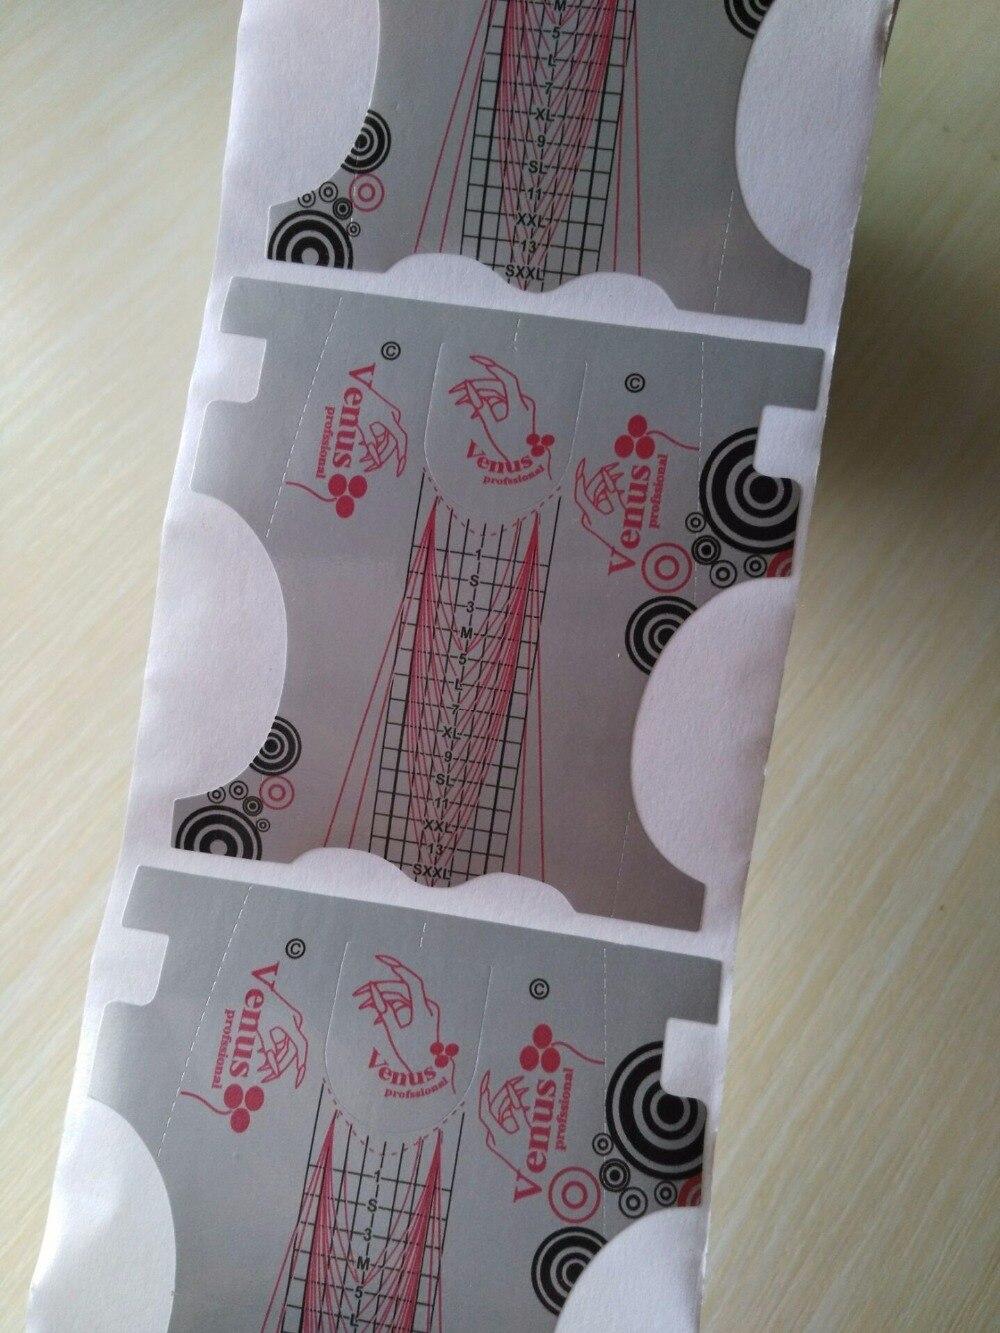 Uñas acrílicas con punta de Gel UV, tamaño XXL, para extensión de uñas artísticas, 100 unidades por lote, envío gratis